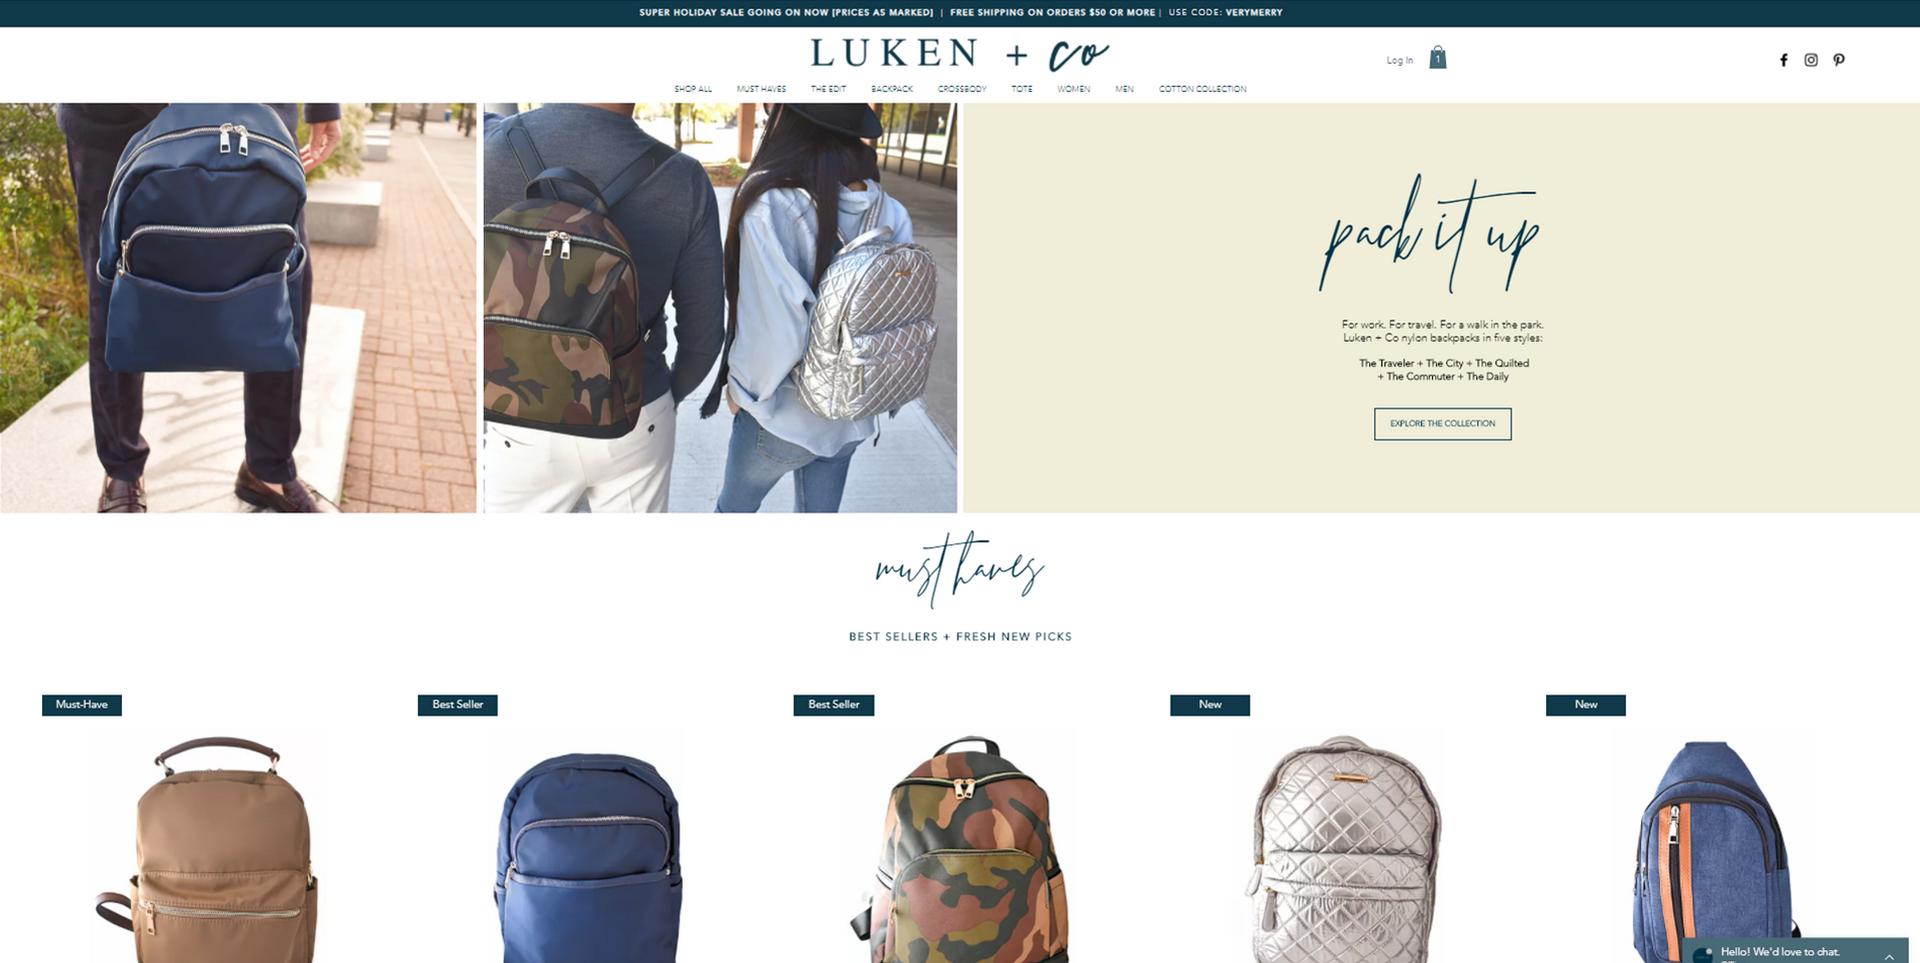 Luken + Co